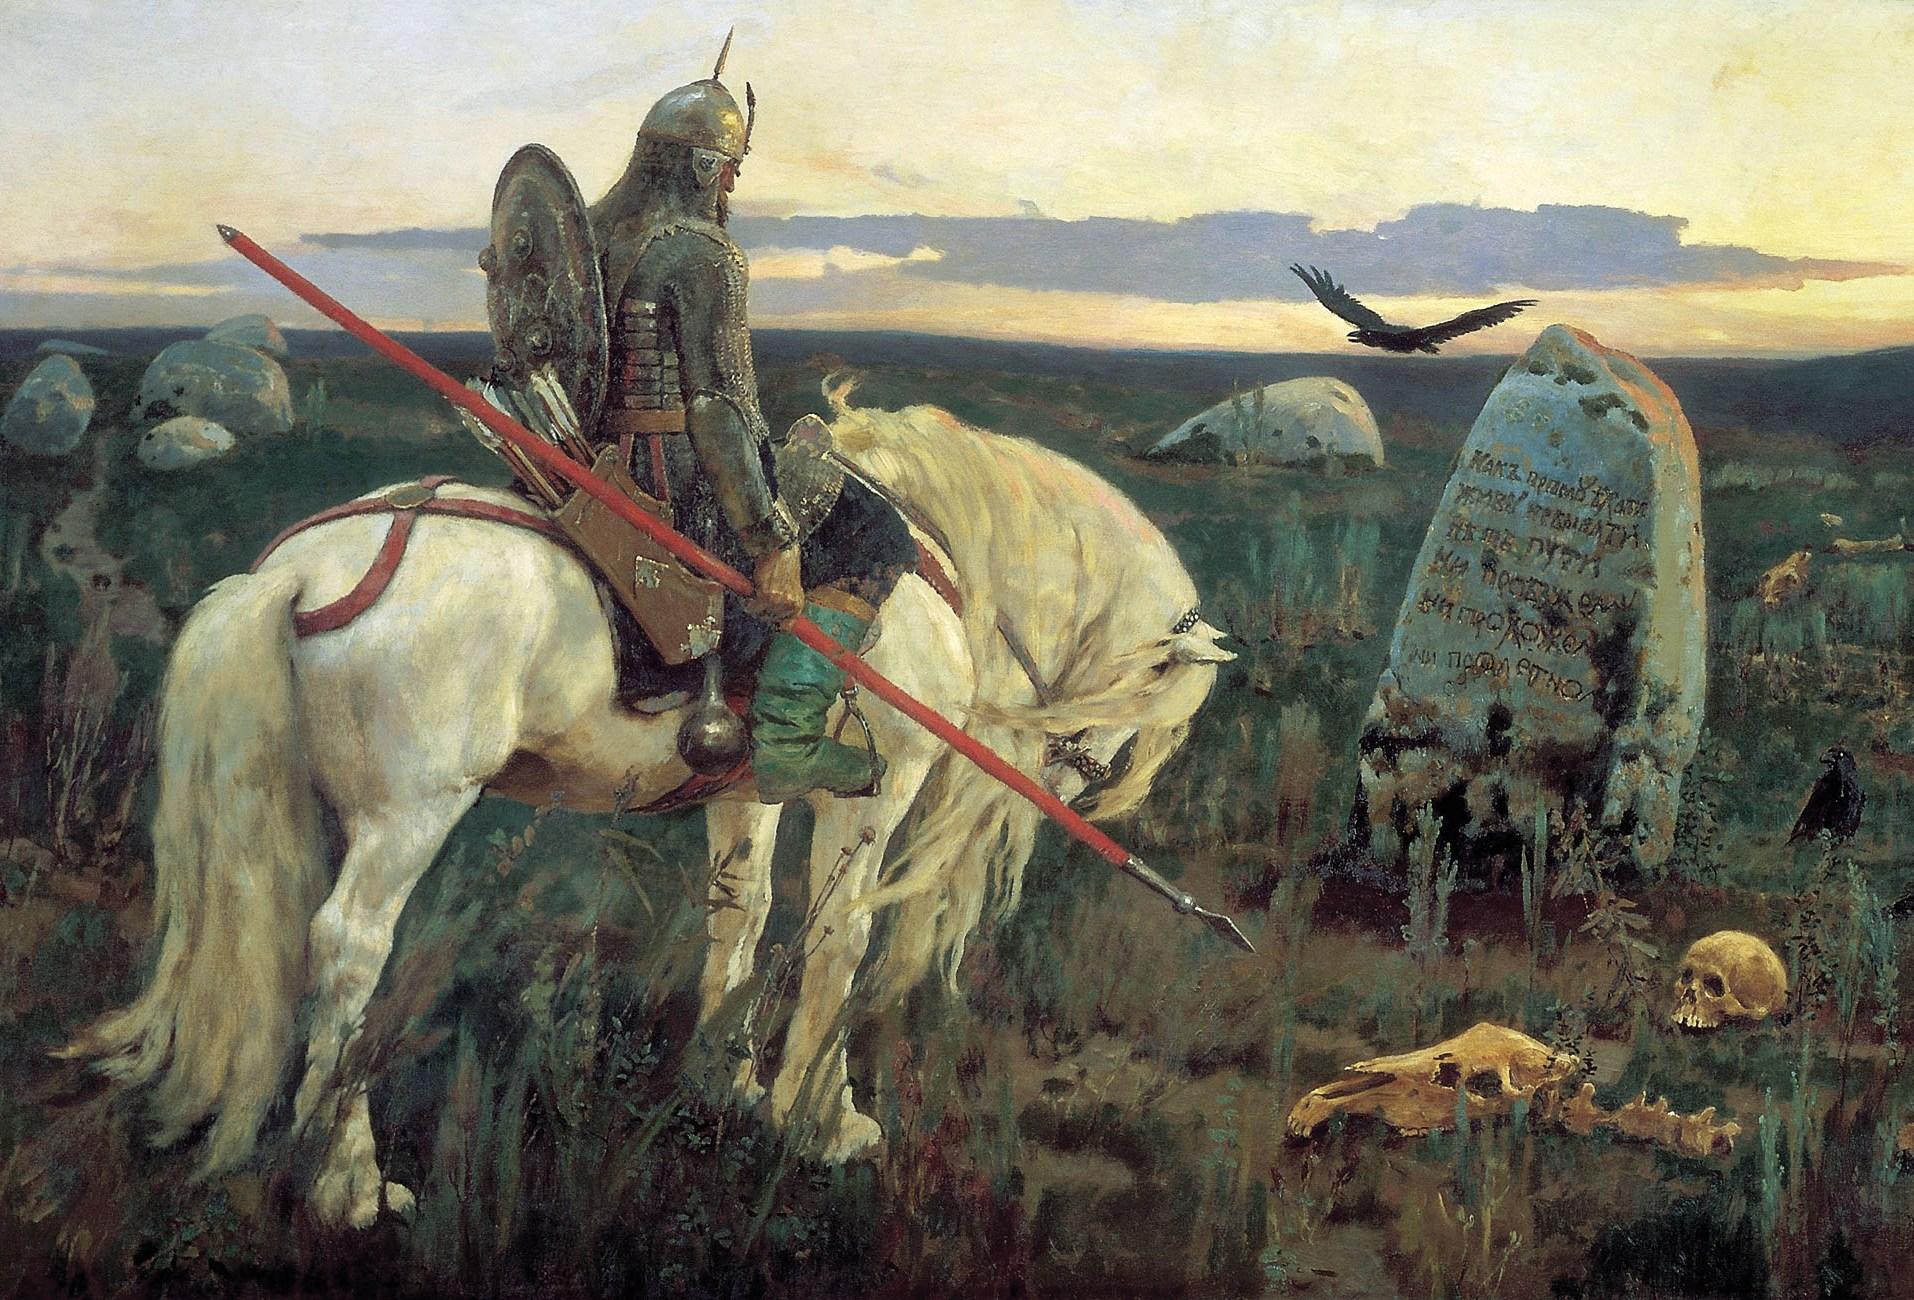 Đôi nét về sự mở rộng lãnh thổ trong lịch sử nước Nga